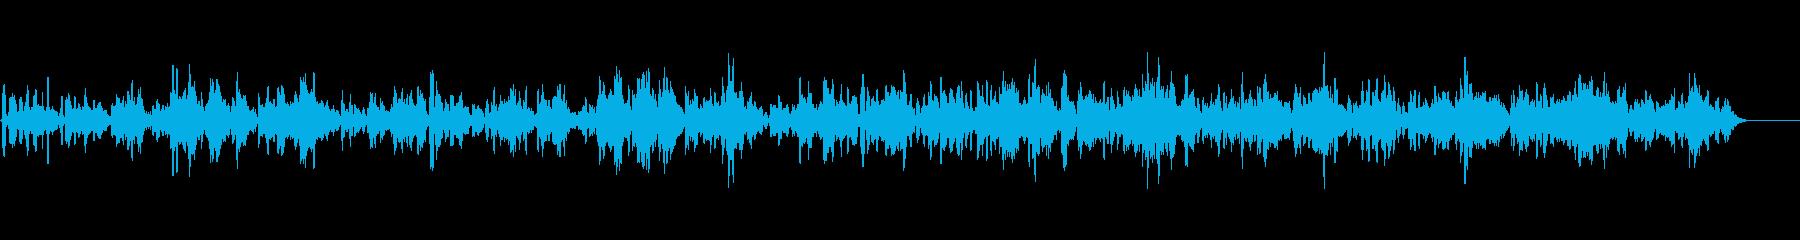 教会に響き渡るバイオリン独奏曲6の再生済みの波形